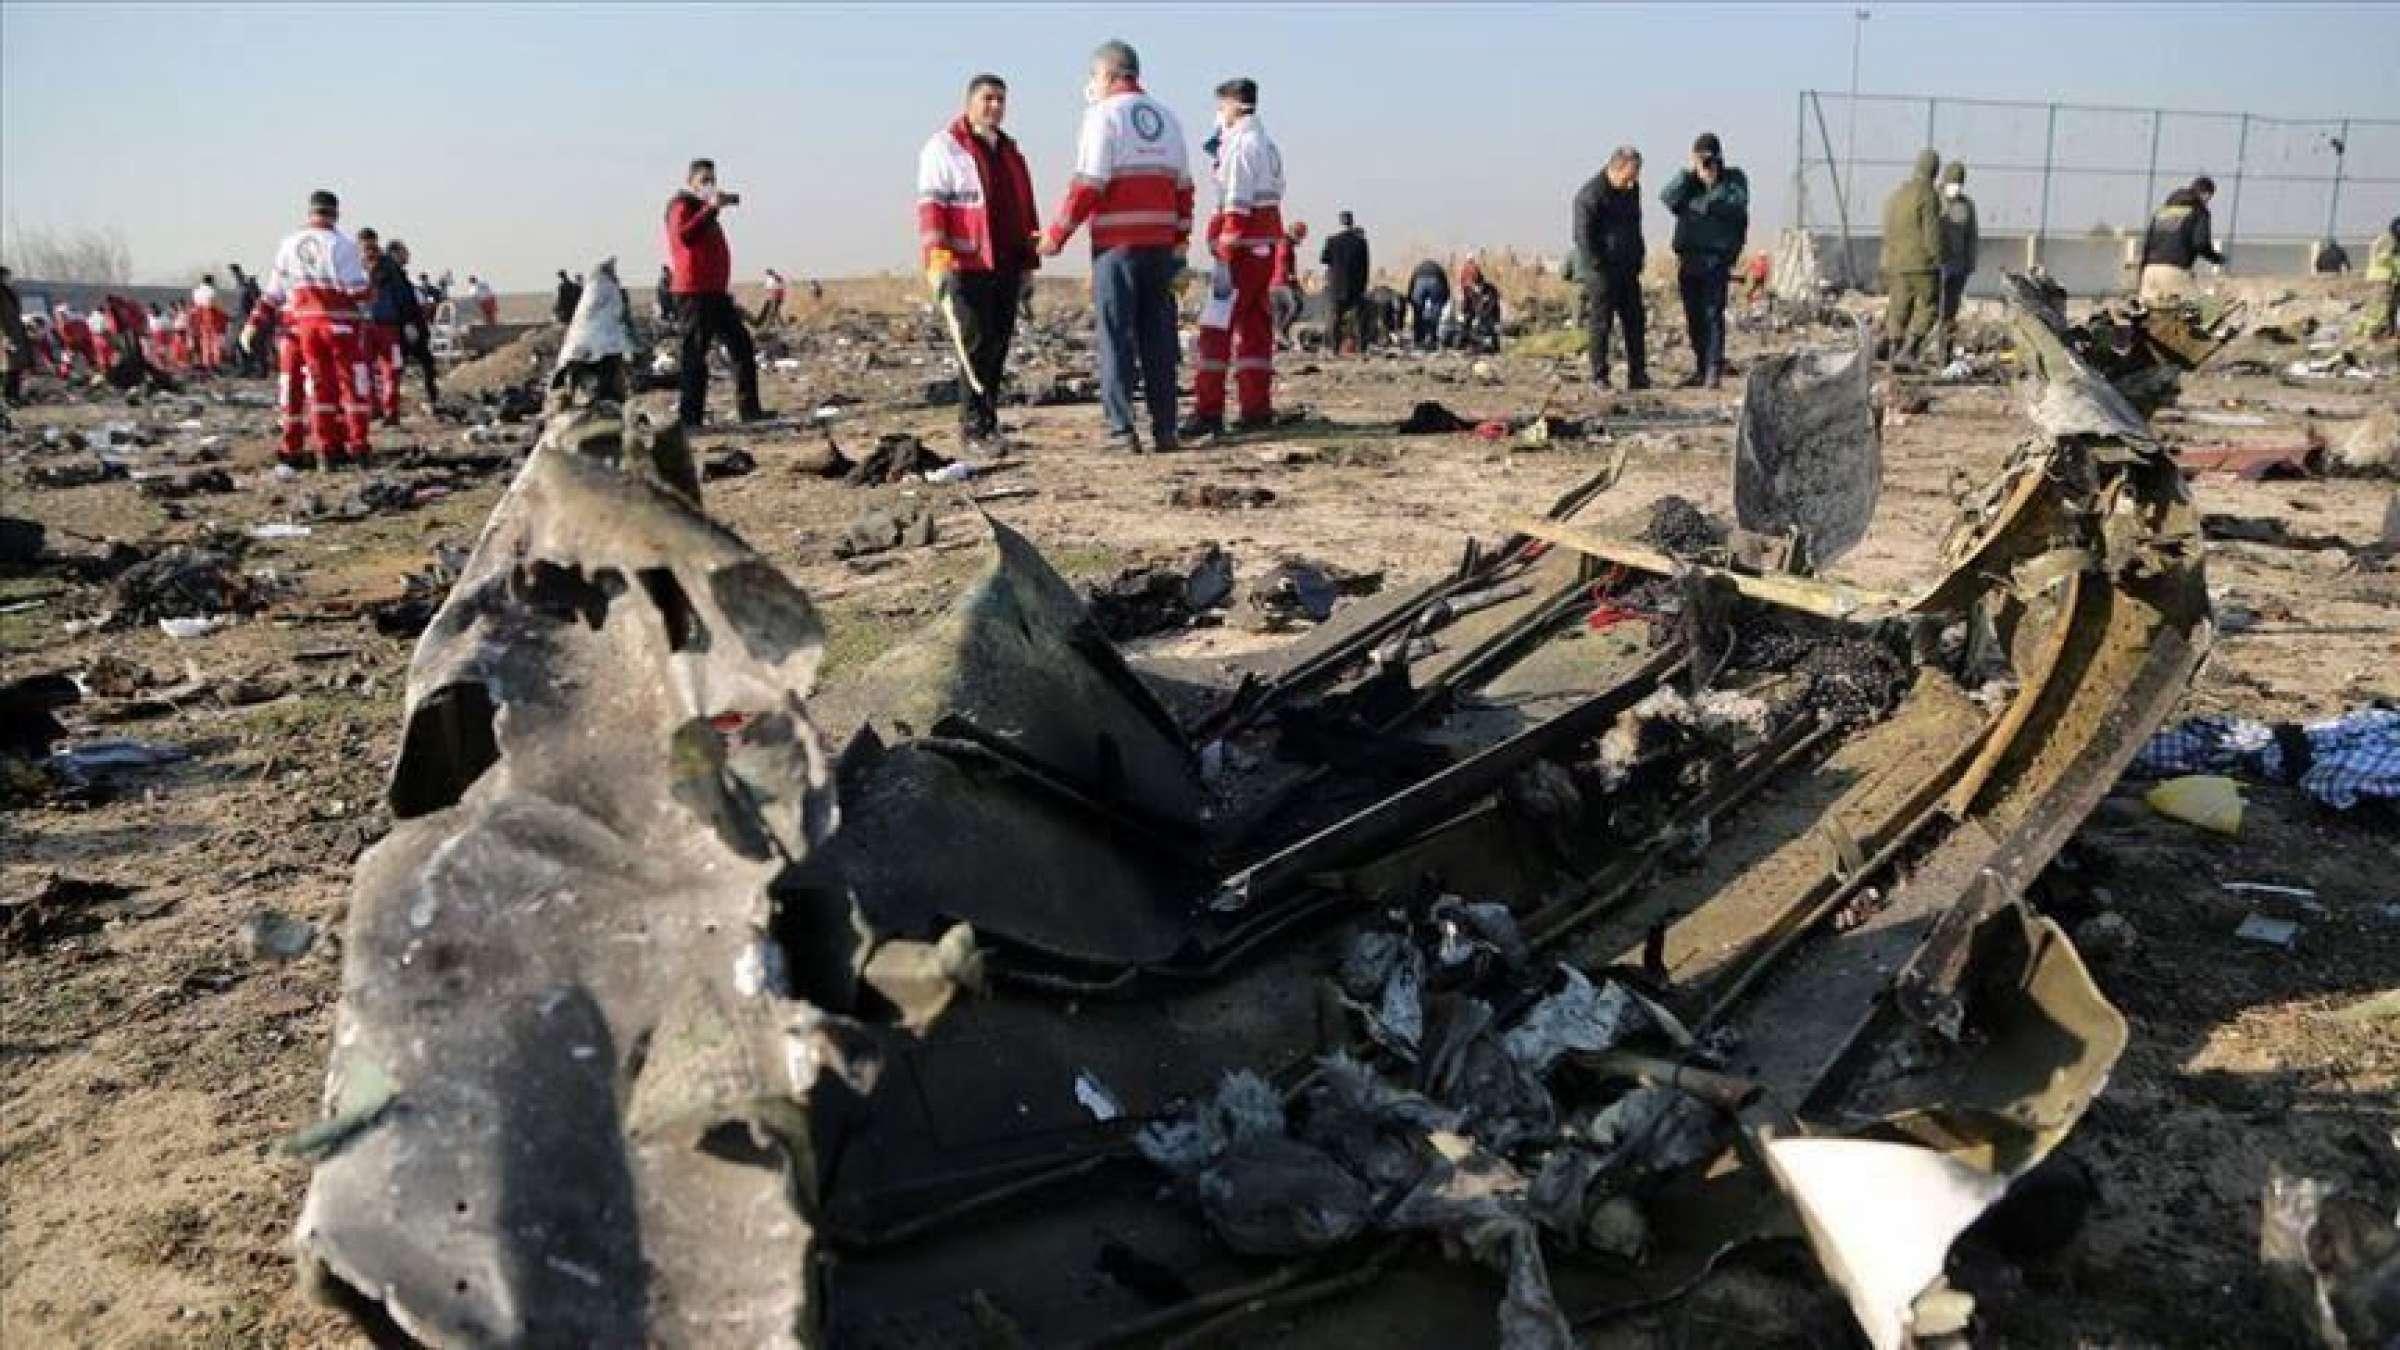 جمهوری-اسلامی-ادعای-وجود-نوار-صدای-ظریف-درباره-هواپیما-اوکراینی-خلاف- واقع-است